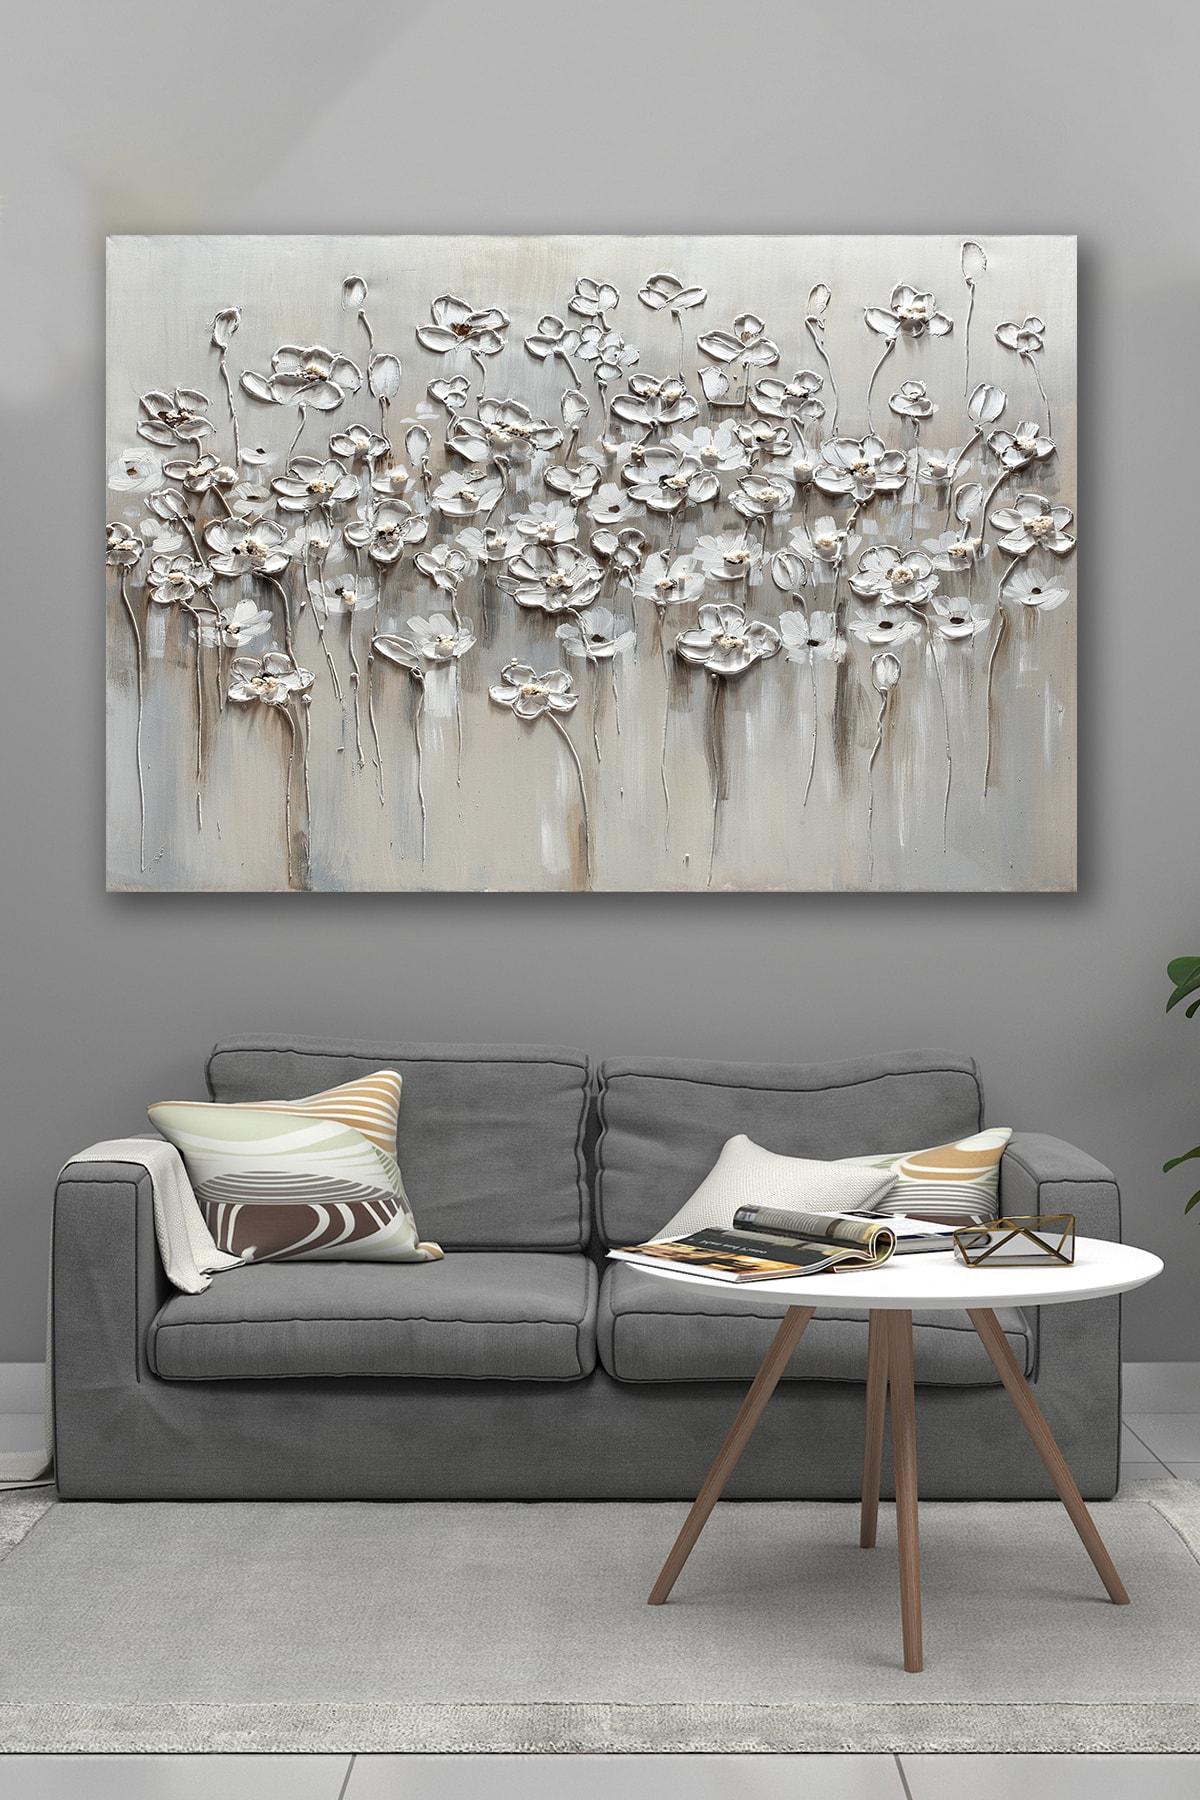 Hediyeler Kapında 90x130 Soğuk Çiçekler Kanvas Tablo 1